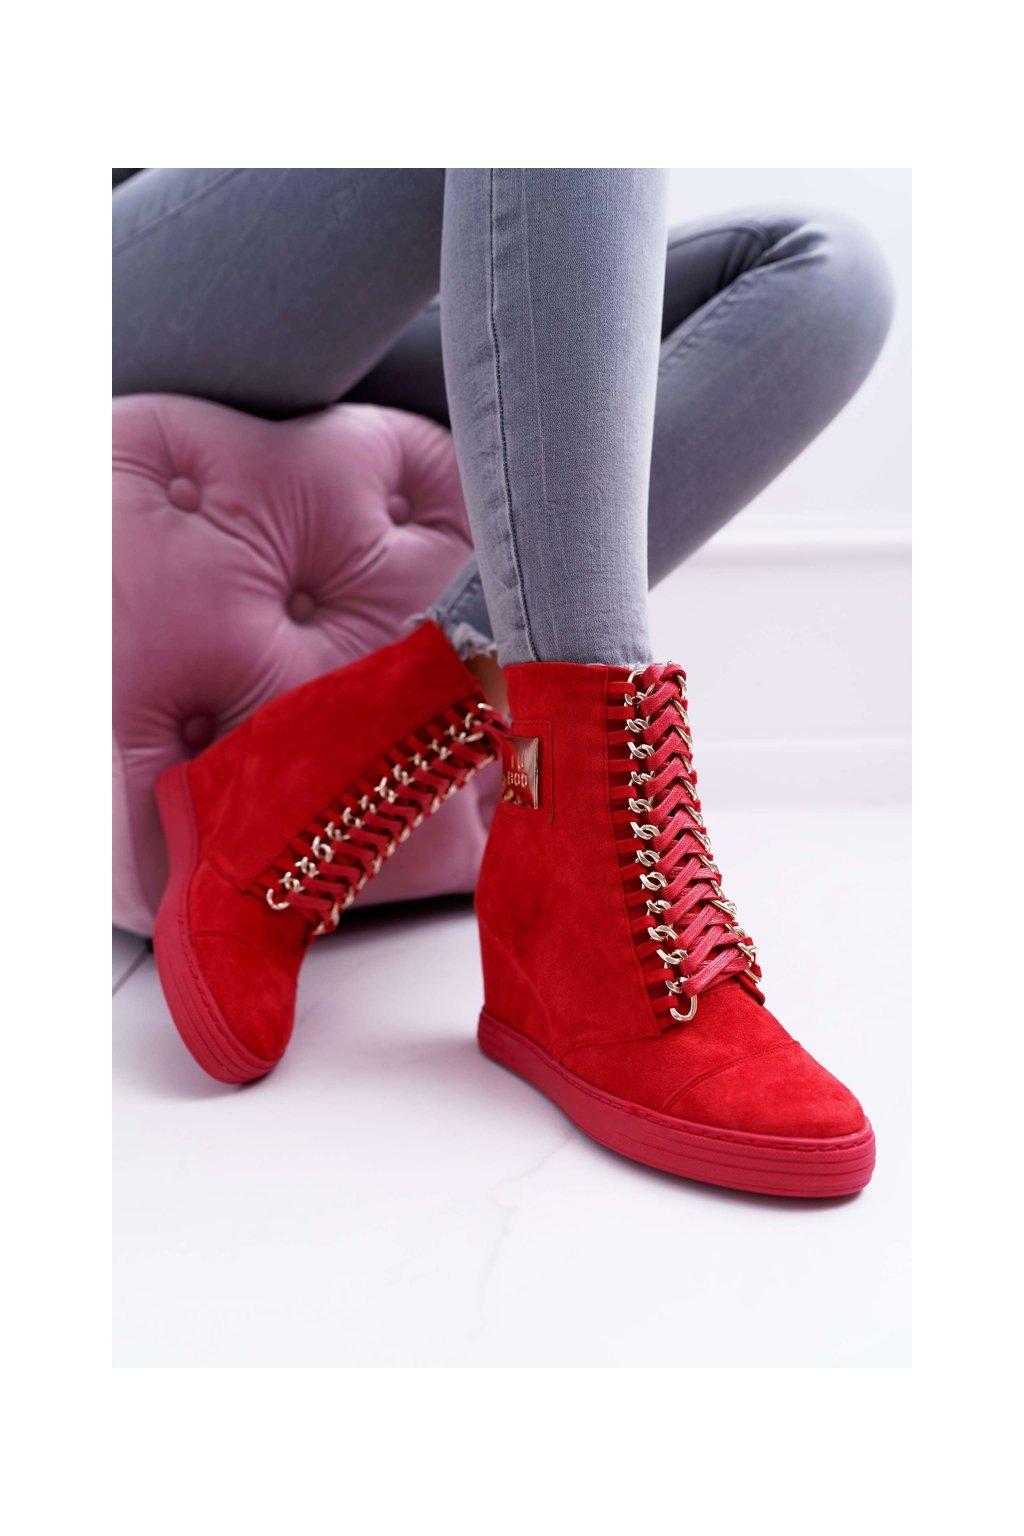 Dámska Obuv Sneakers Lu Boo Semišové Tenisky červené Monica